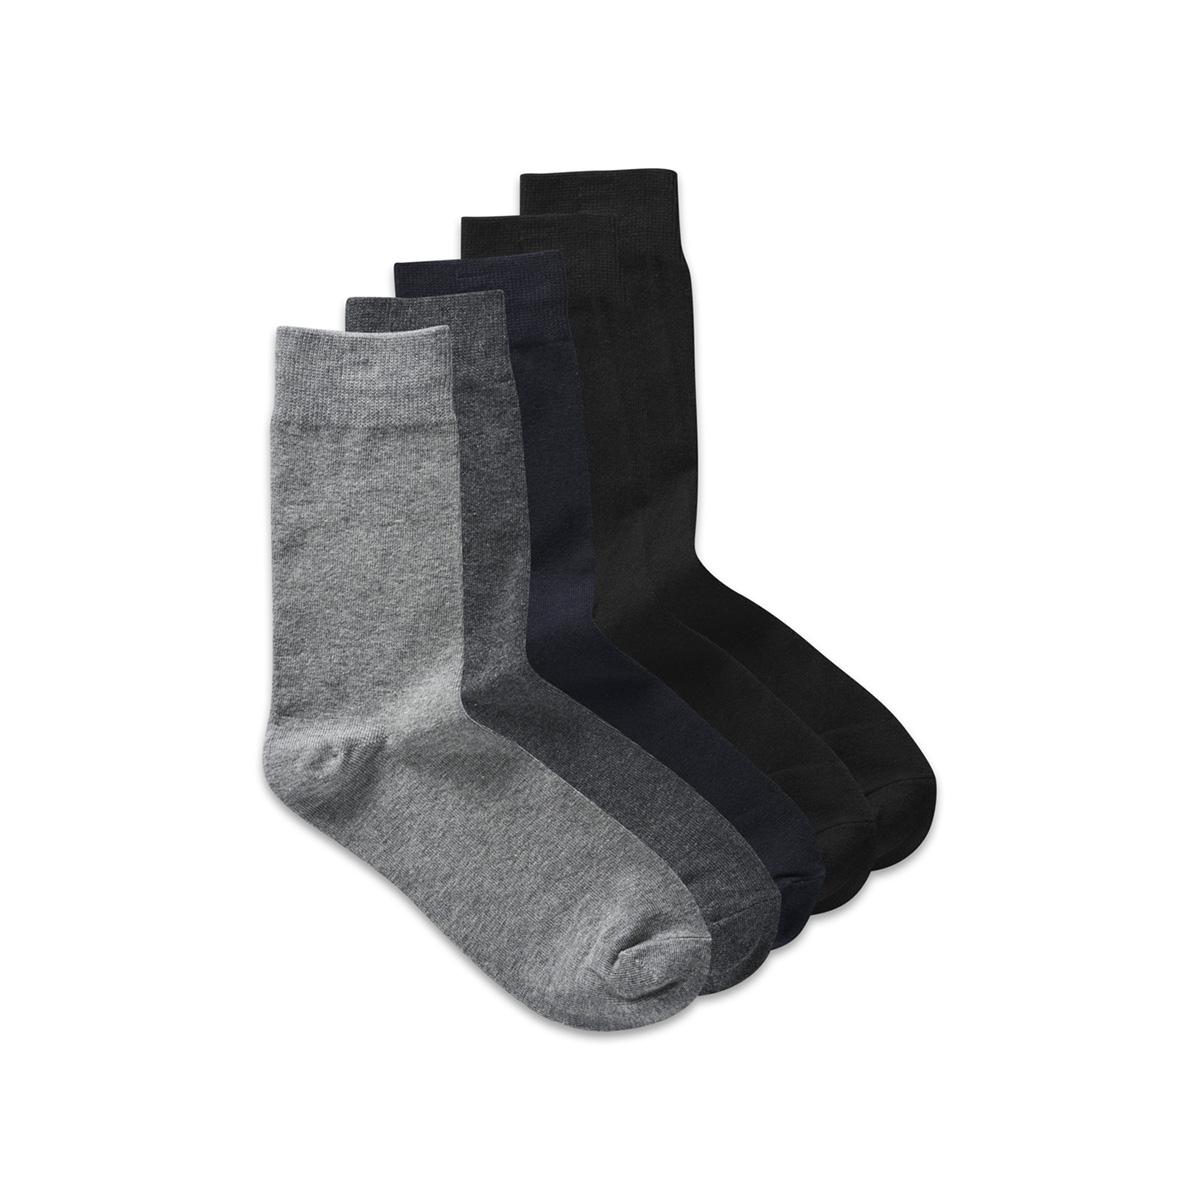 jacjens sock 5 pack noos 12113085 jack & jones accessoire dark grey melange